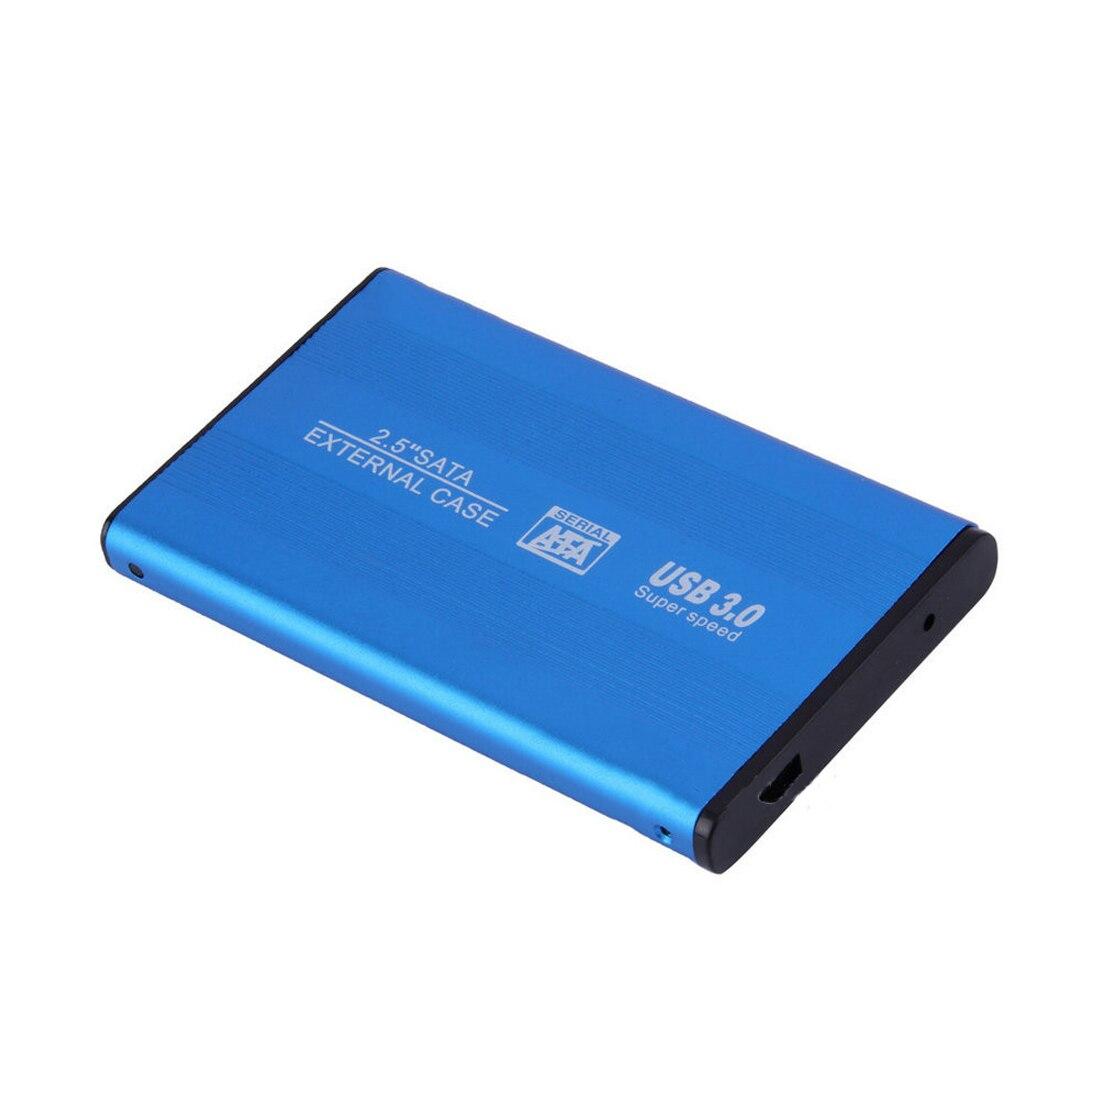 Etmakit USB 3.0 HDD SSD SATA External Aluminum 2.5